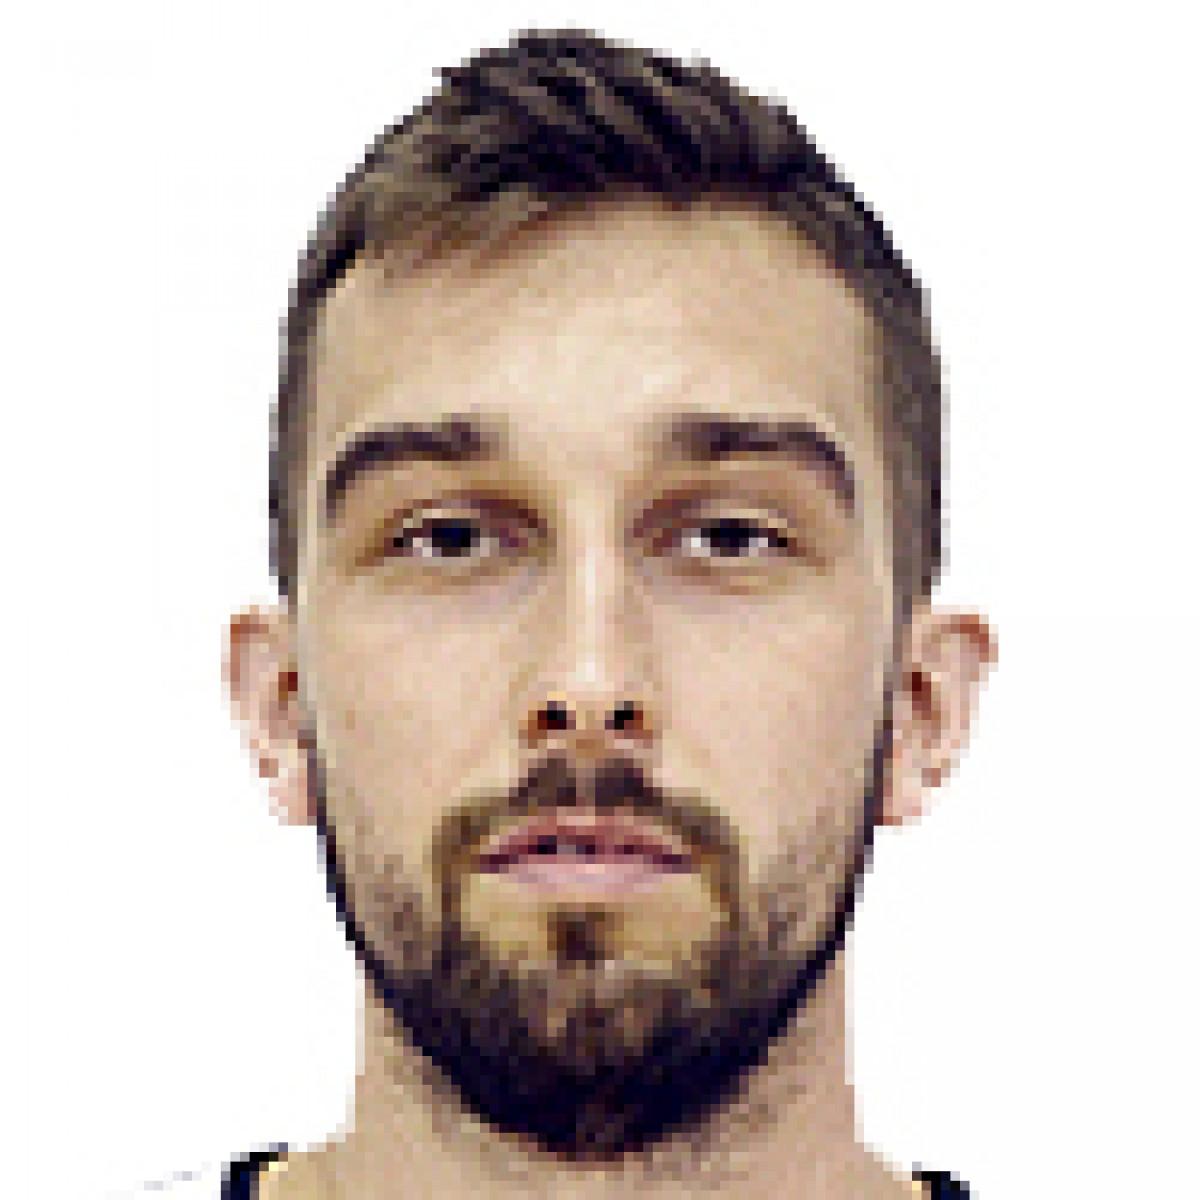 Filip Czyznielewski